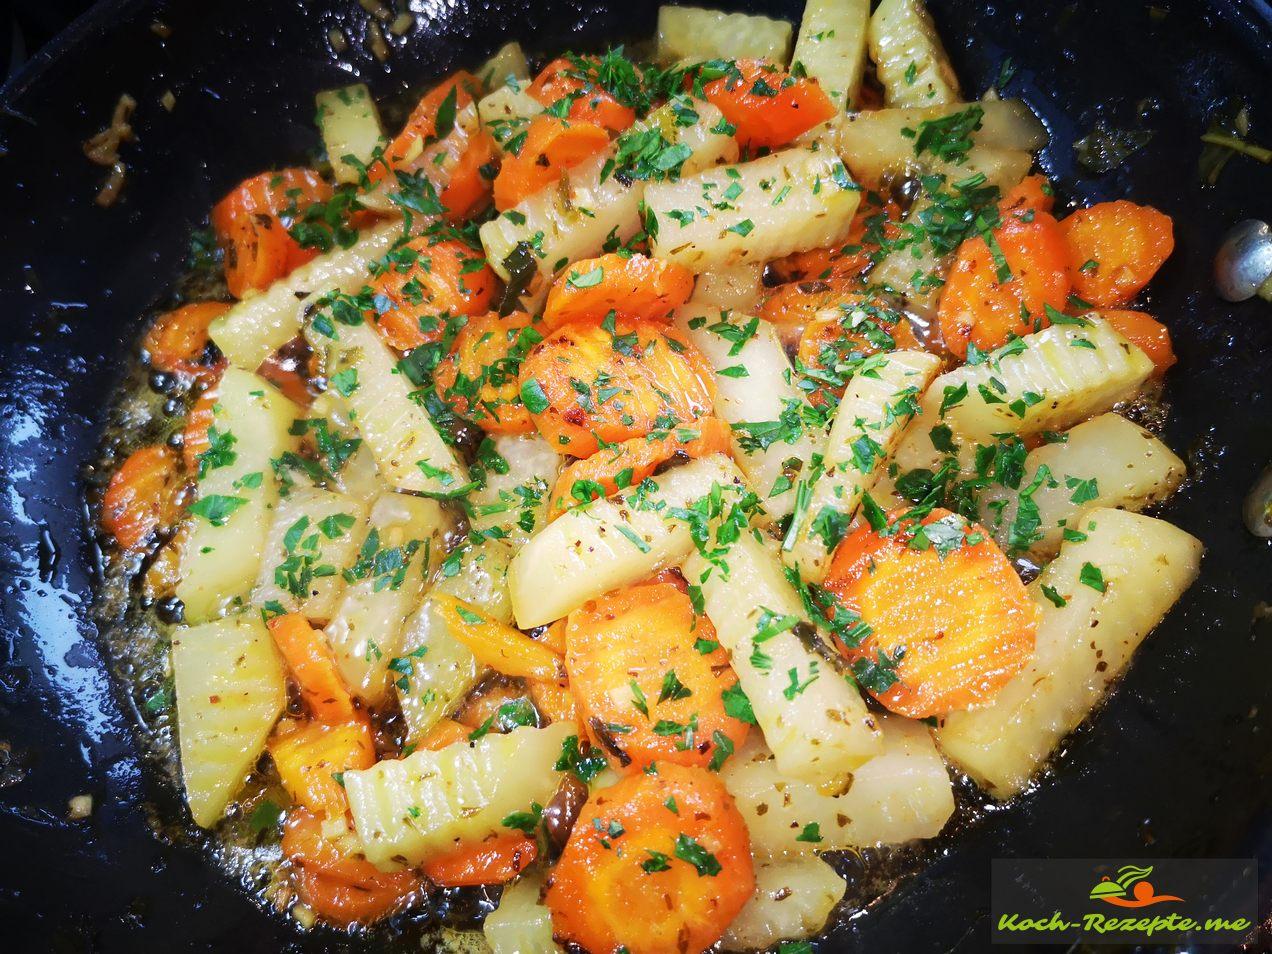 Kohlrabi-Möhren-Gemüse glasiert, servieren als Beilage